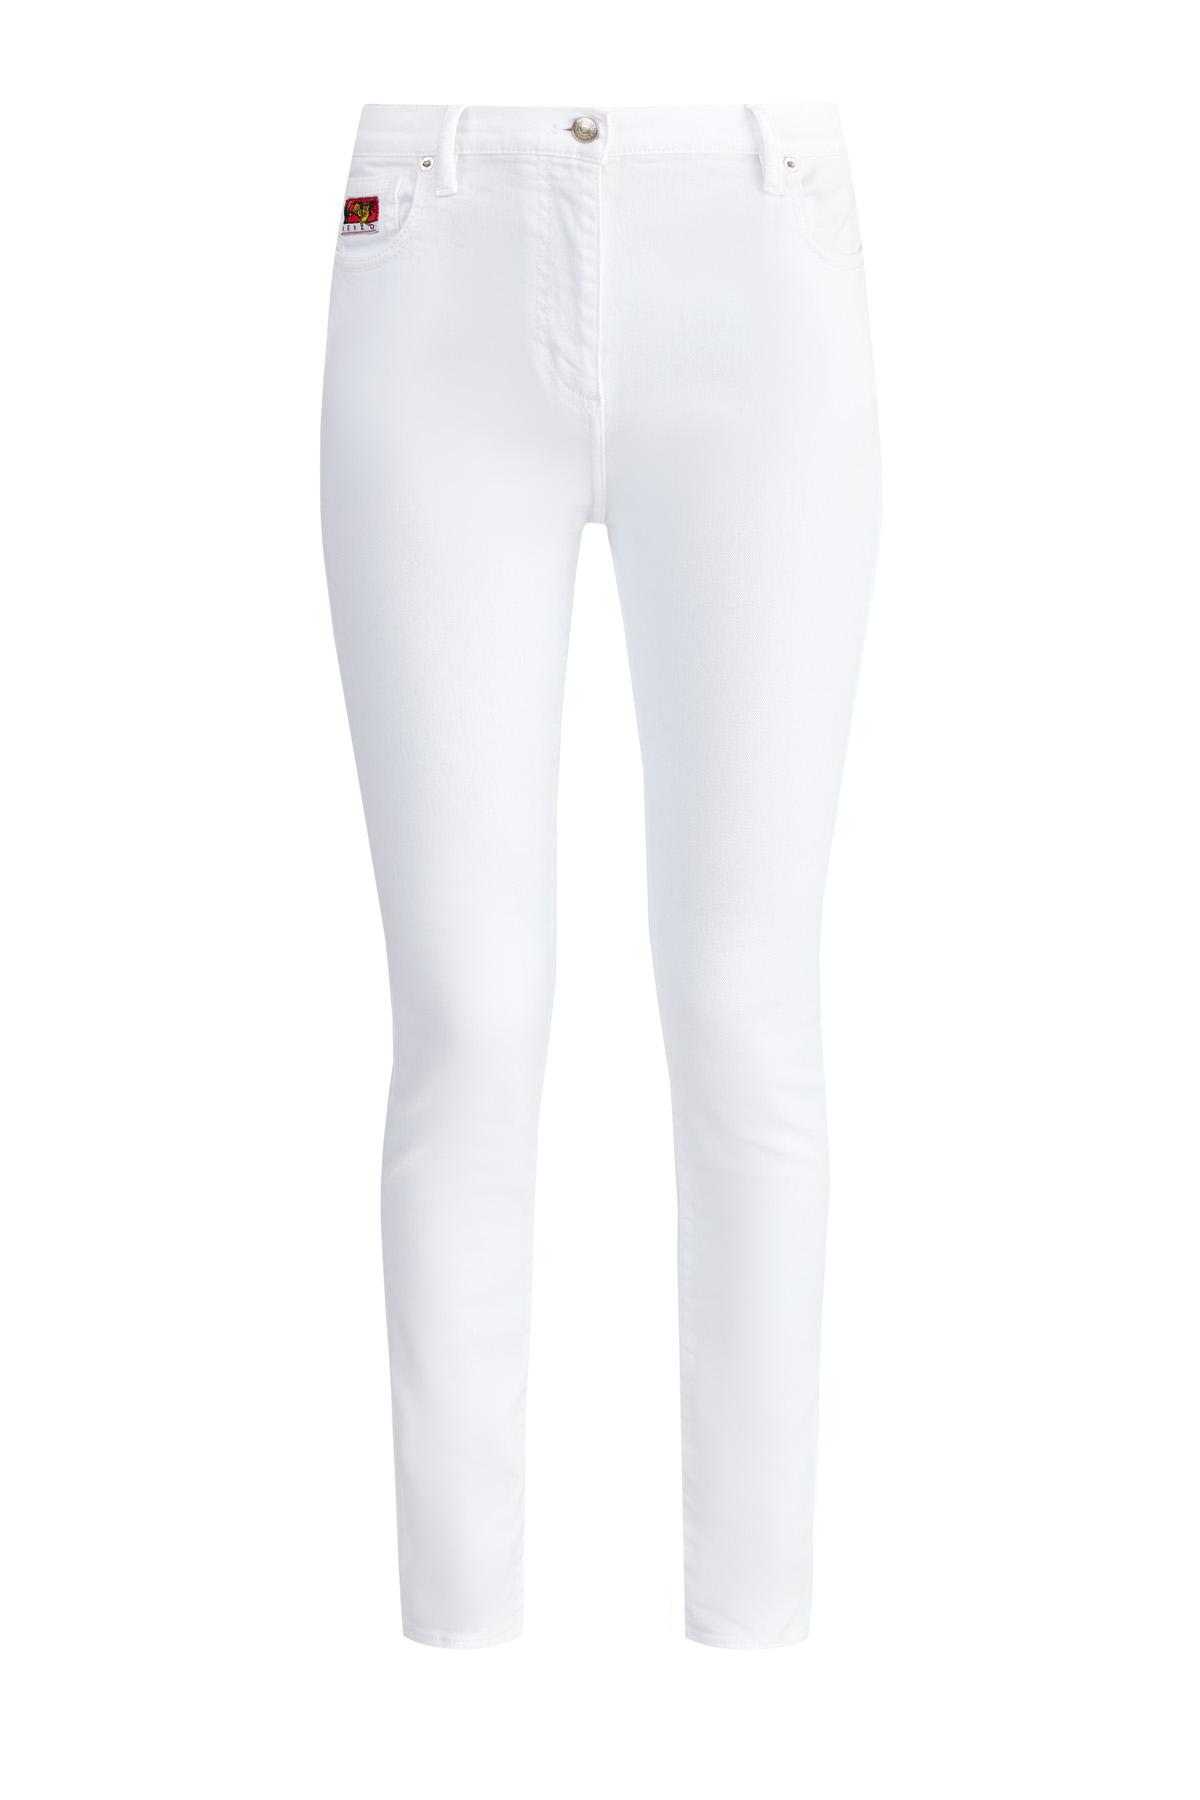 Однотонные джинсы из денима с декоративной строчкой на спинке